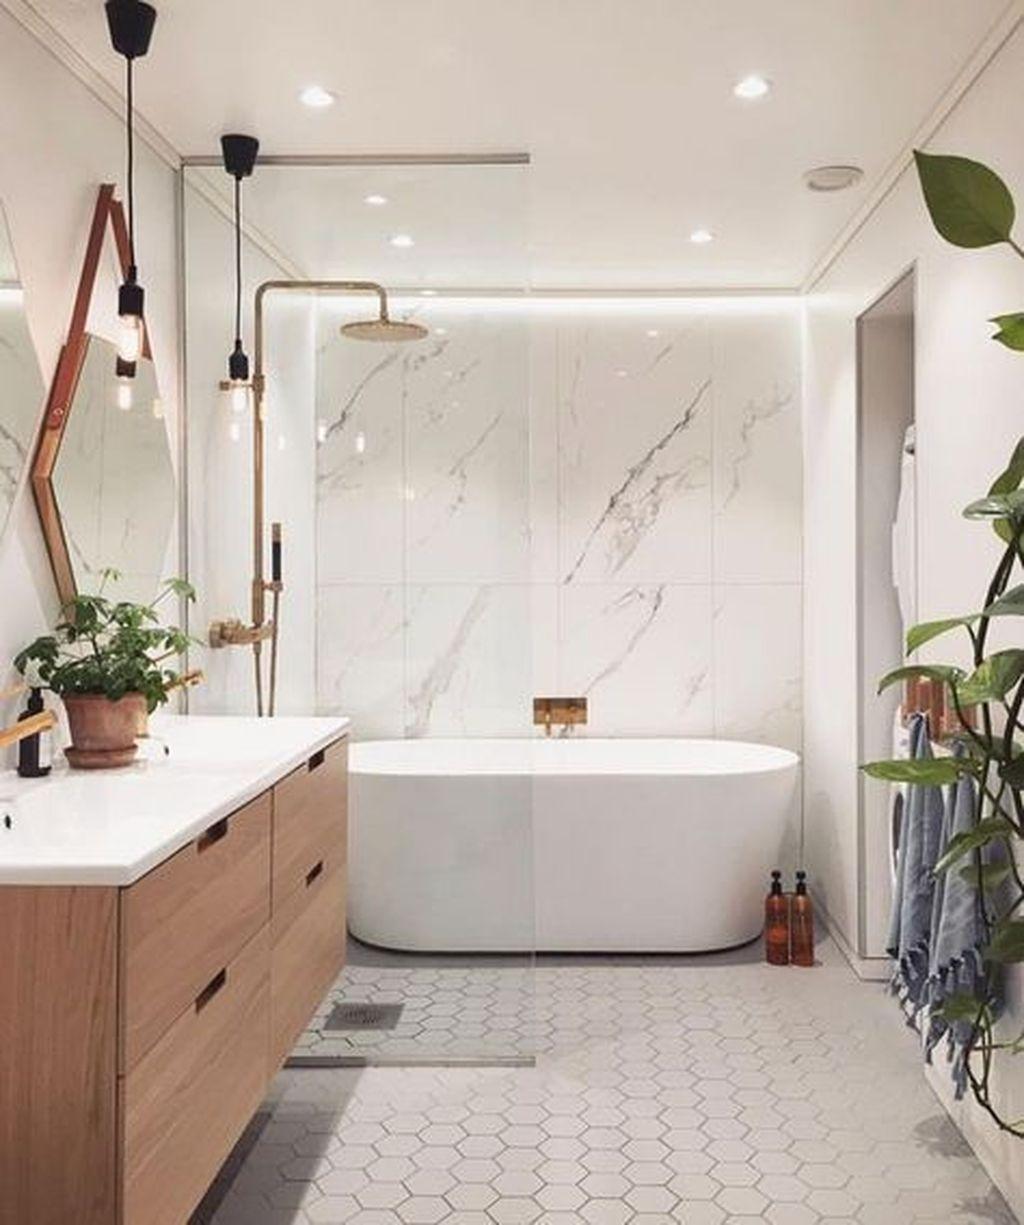 Stunning Bathroom Storage Design Ideas 14